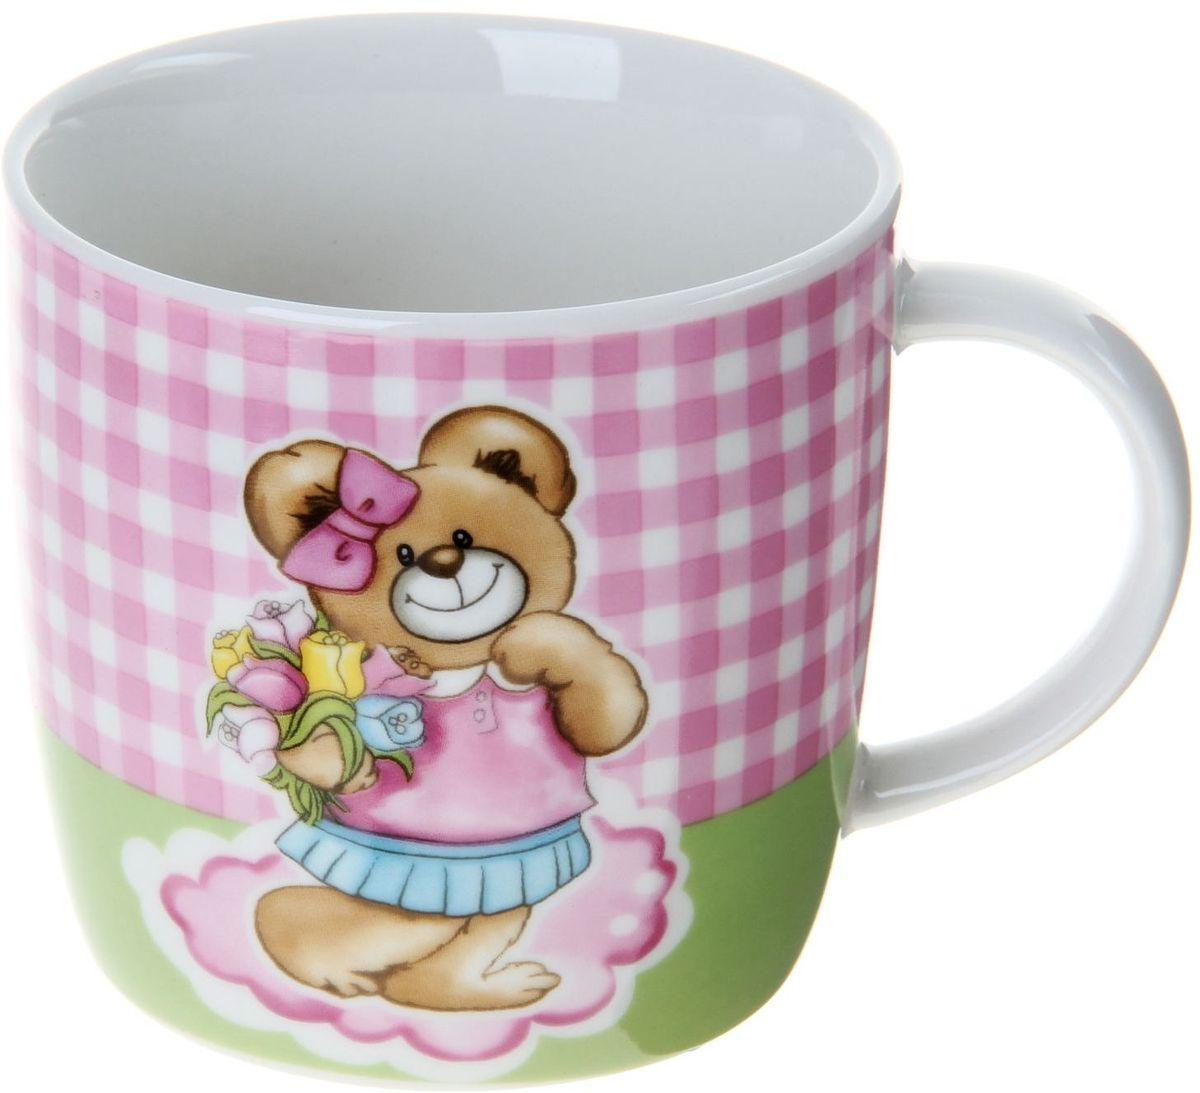 """Детская кружка Доляна """"Мишутка"""" изготовлена из керамики. Она украшена изображением милого медвежонка. Кружка станет любимым аксессуаром на долгие годы для вашего ребенка.  Относитесь к изделию бережно, и оно будет дарить прекрасное настроение каждый день."""